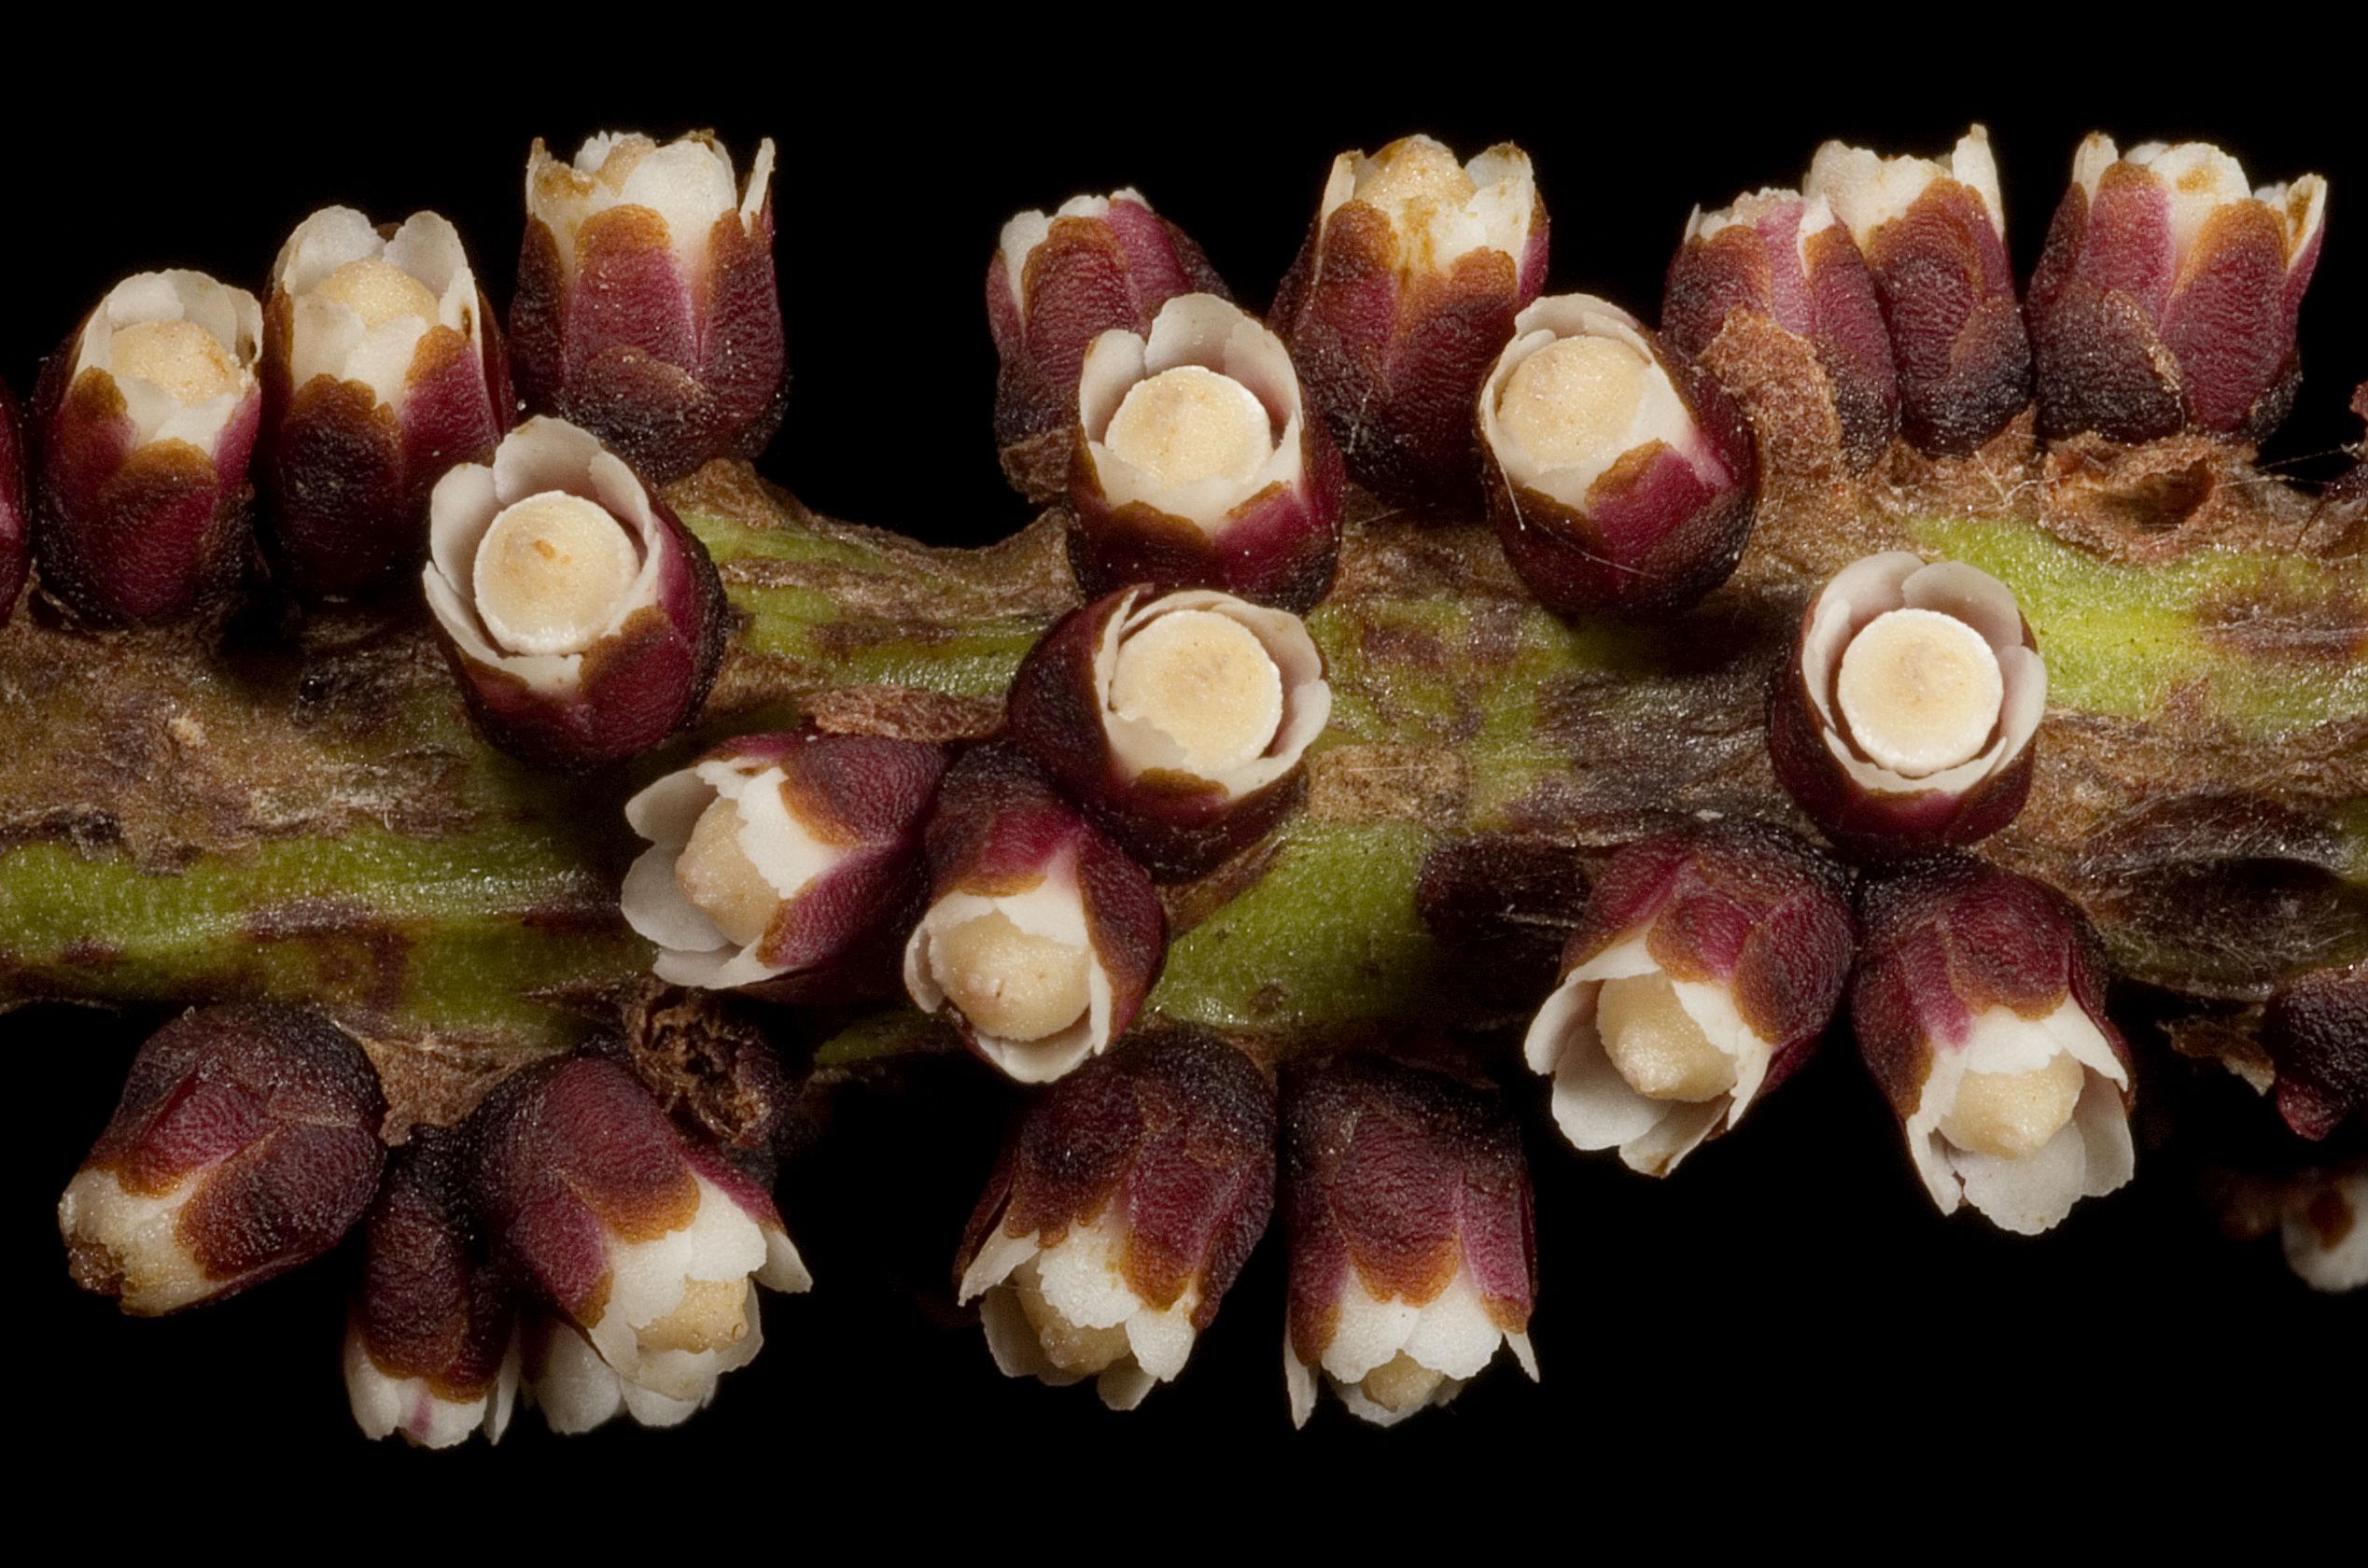 Pilostyles hamiltonii